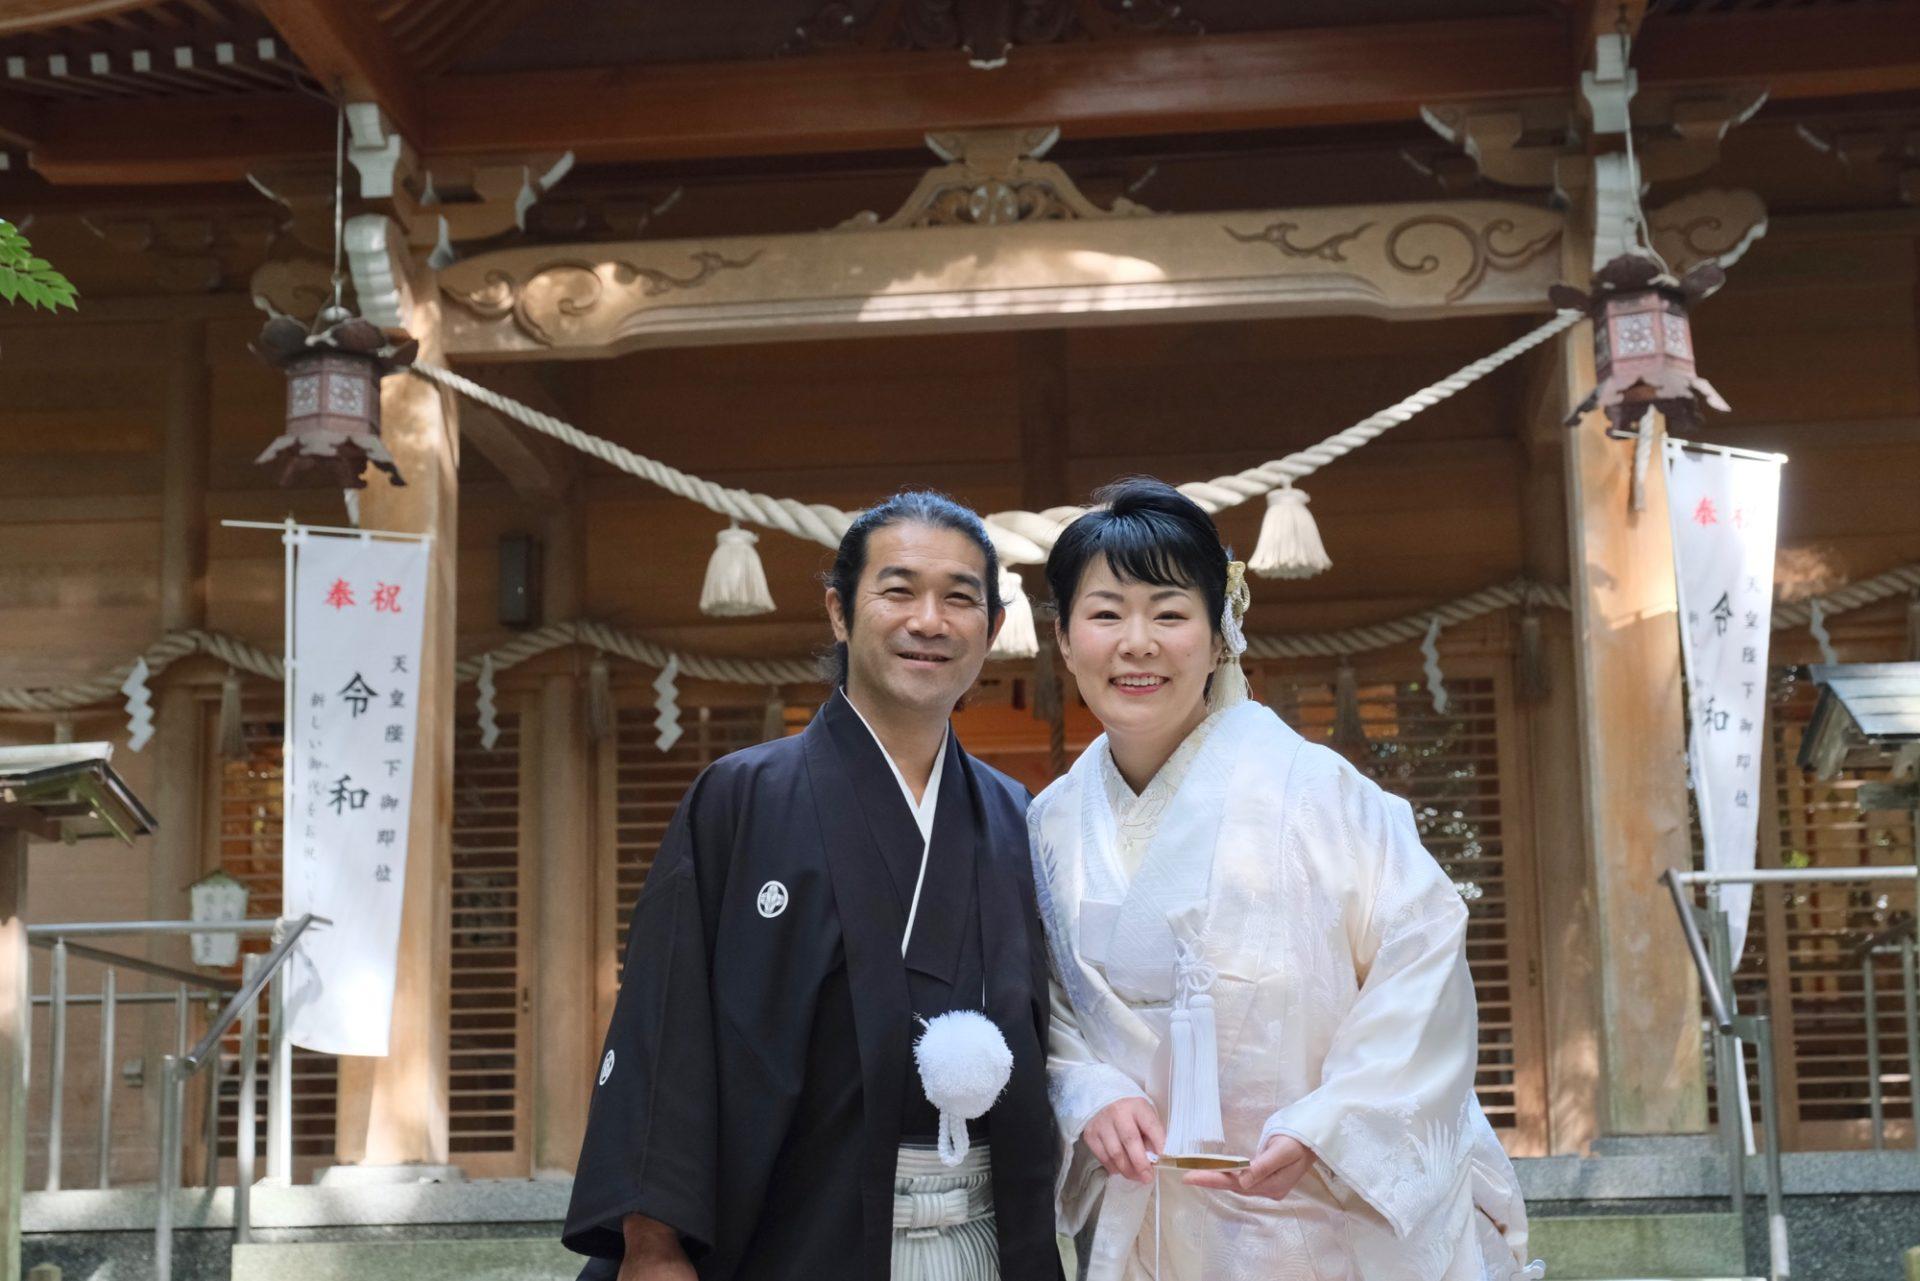 石川県珠洲市の須須神社で白無垢の結婚式